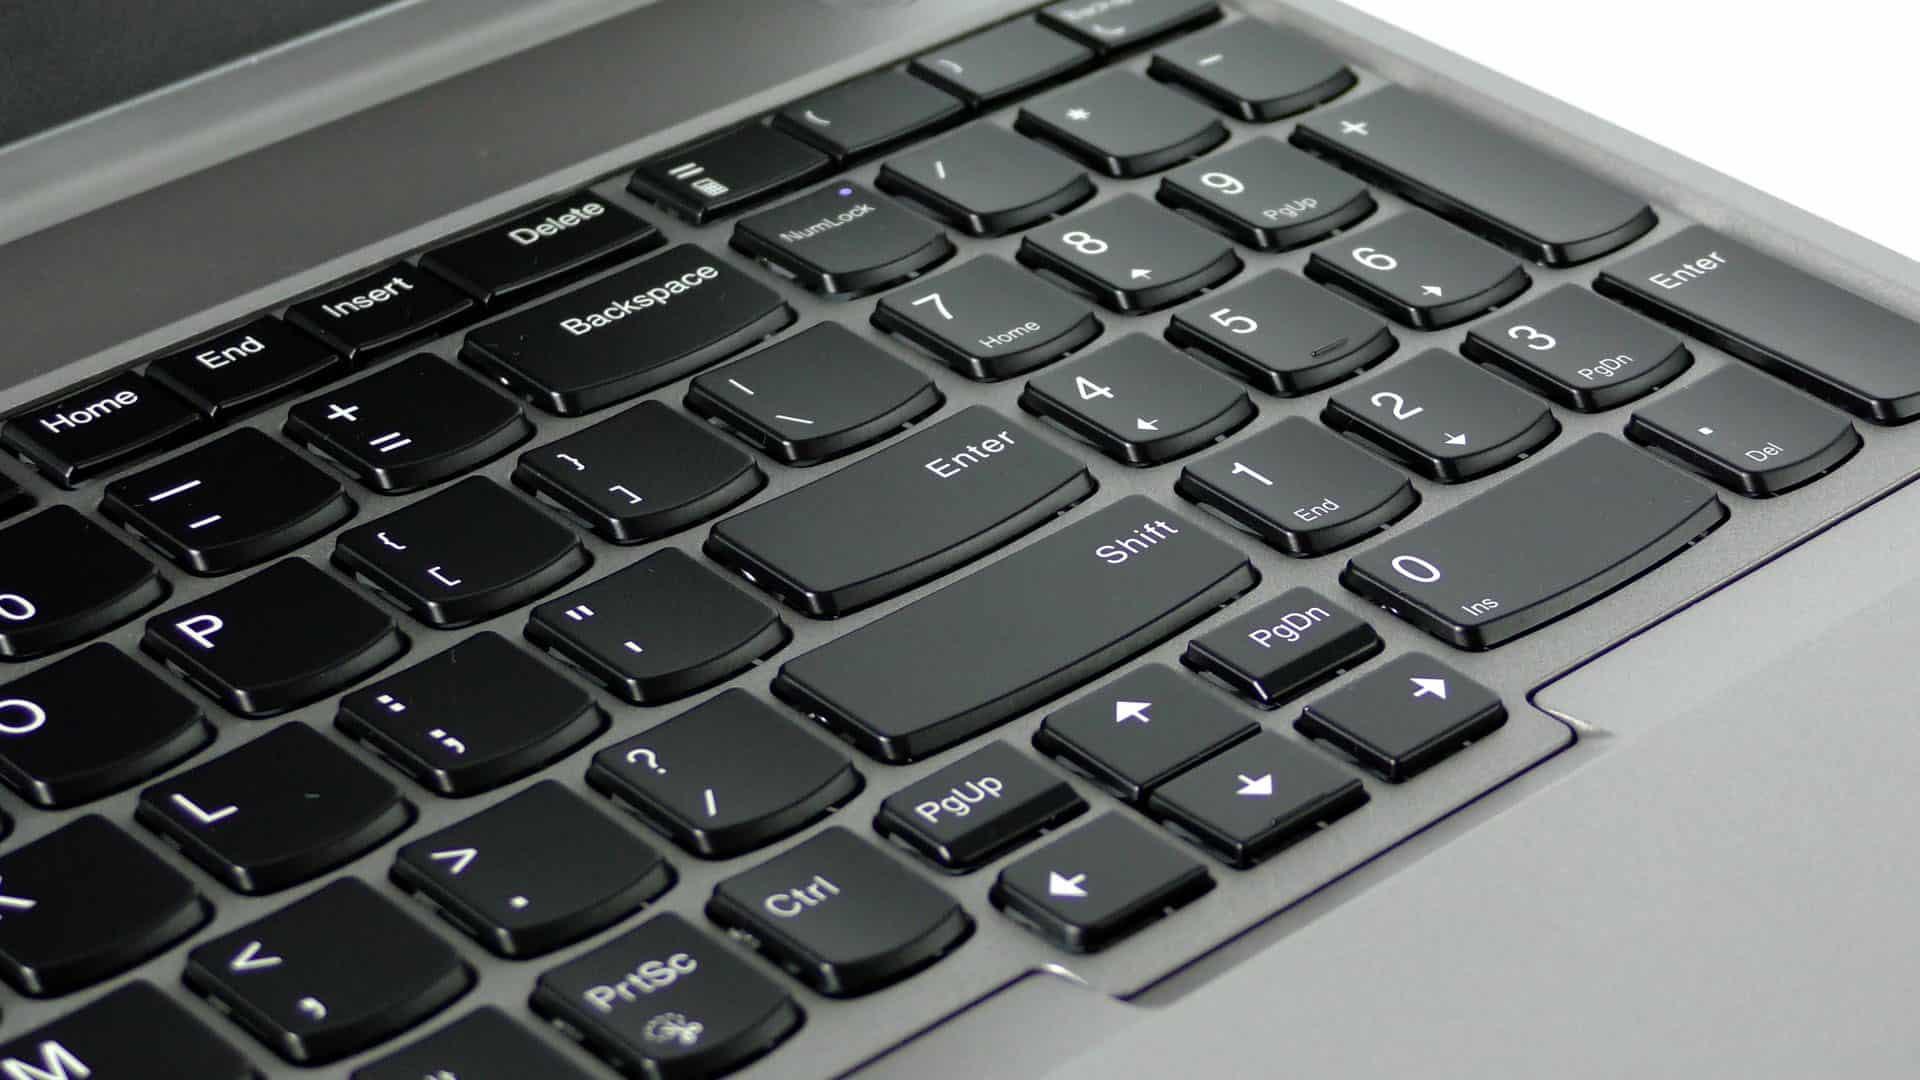 Lenovo ThinkPad E580 - klawiatura z blokiem numerycznym